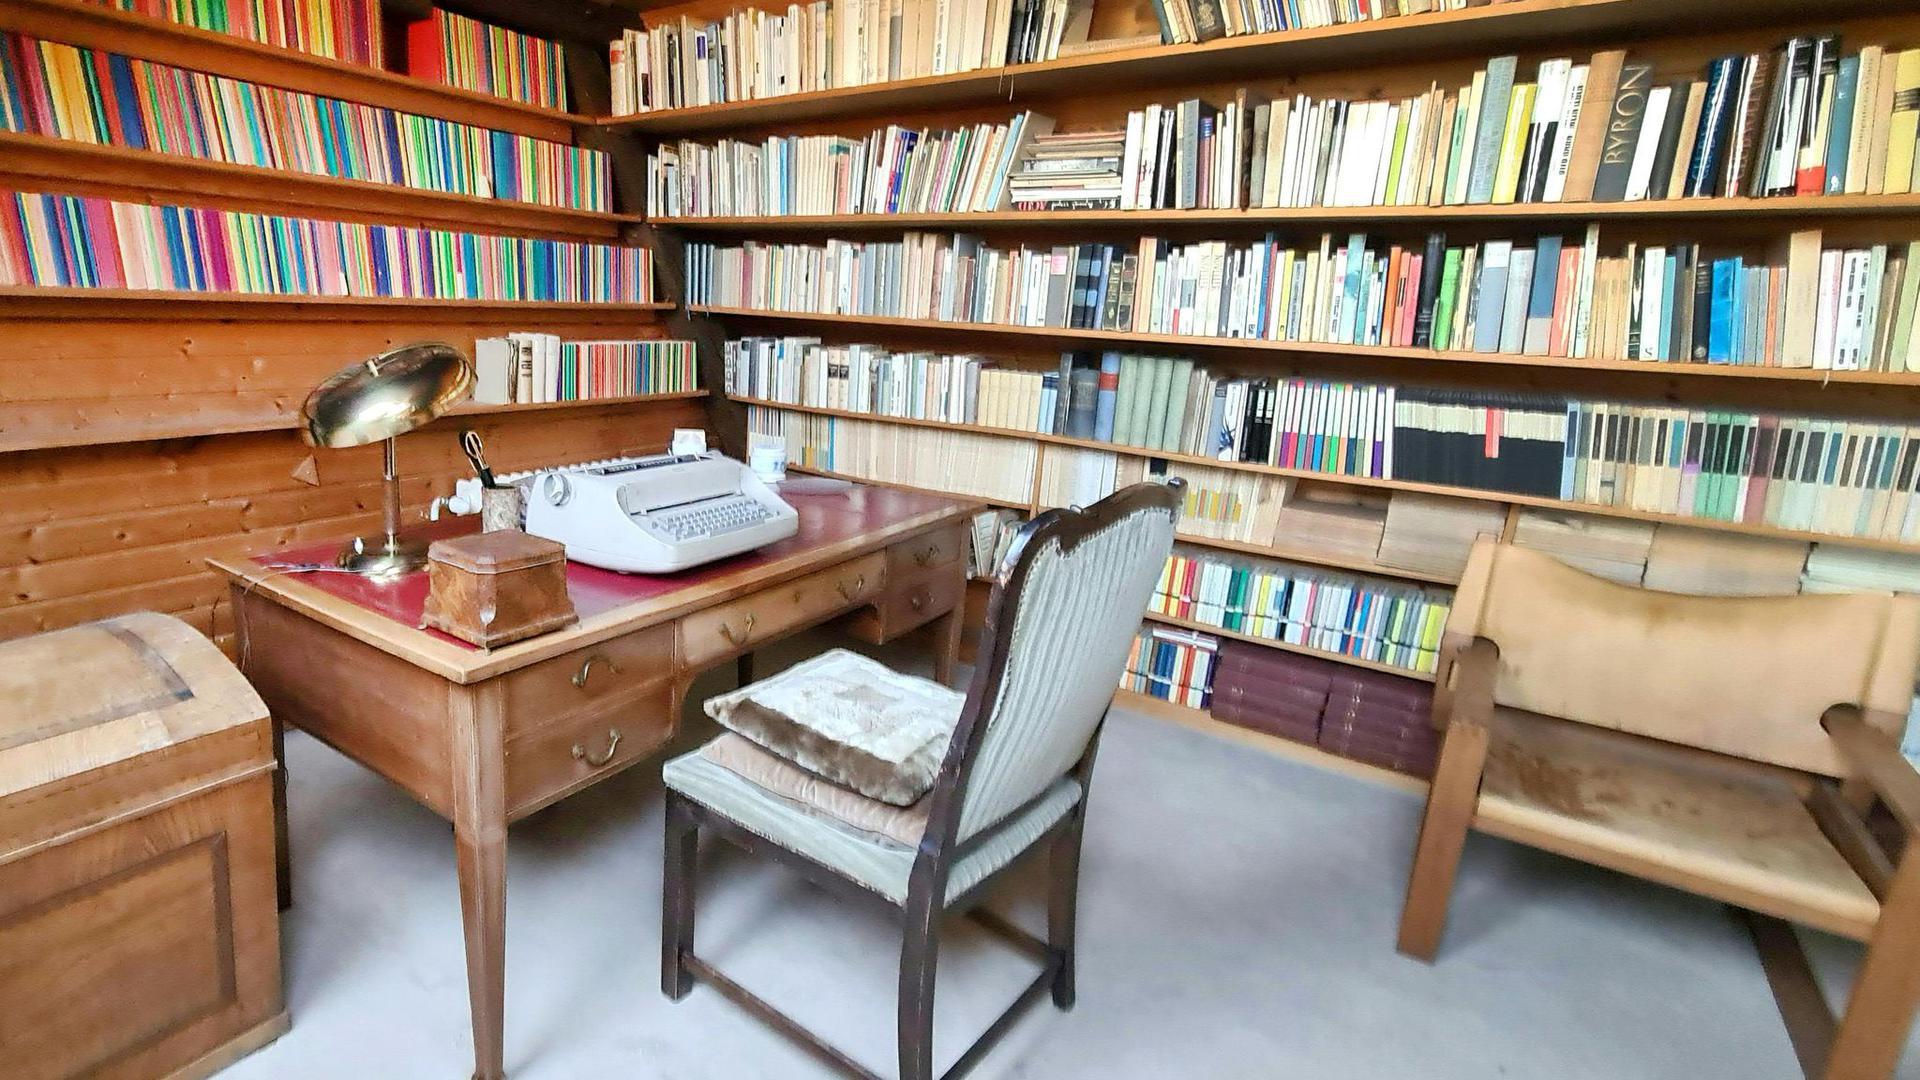 Bücher über Bücher und der Schreibtisch mit Schreibmaschine der Schriftstellerin Ingeborg Bachmann.